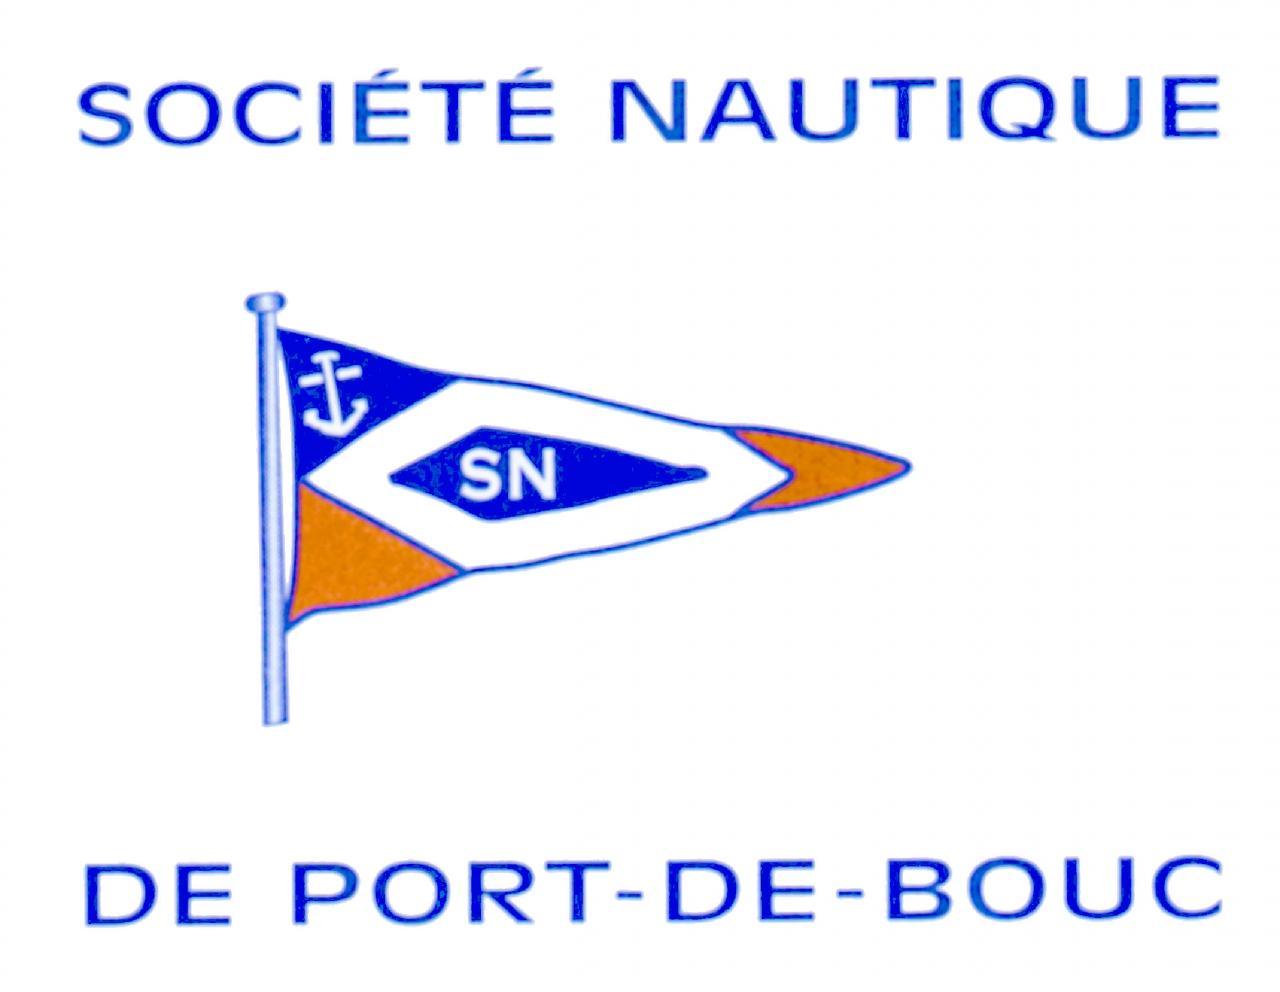 SOCIETE NAUTIQUE DE PORT DE BOUC